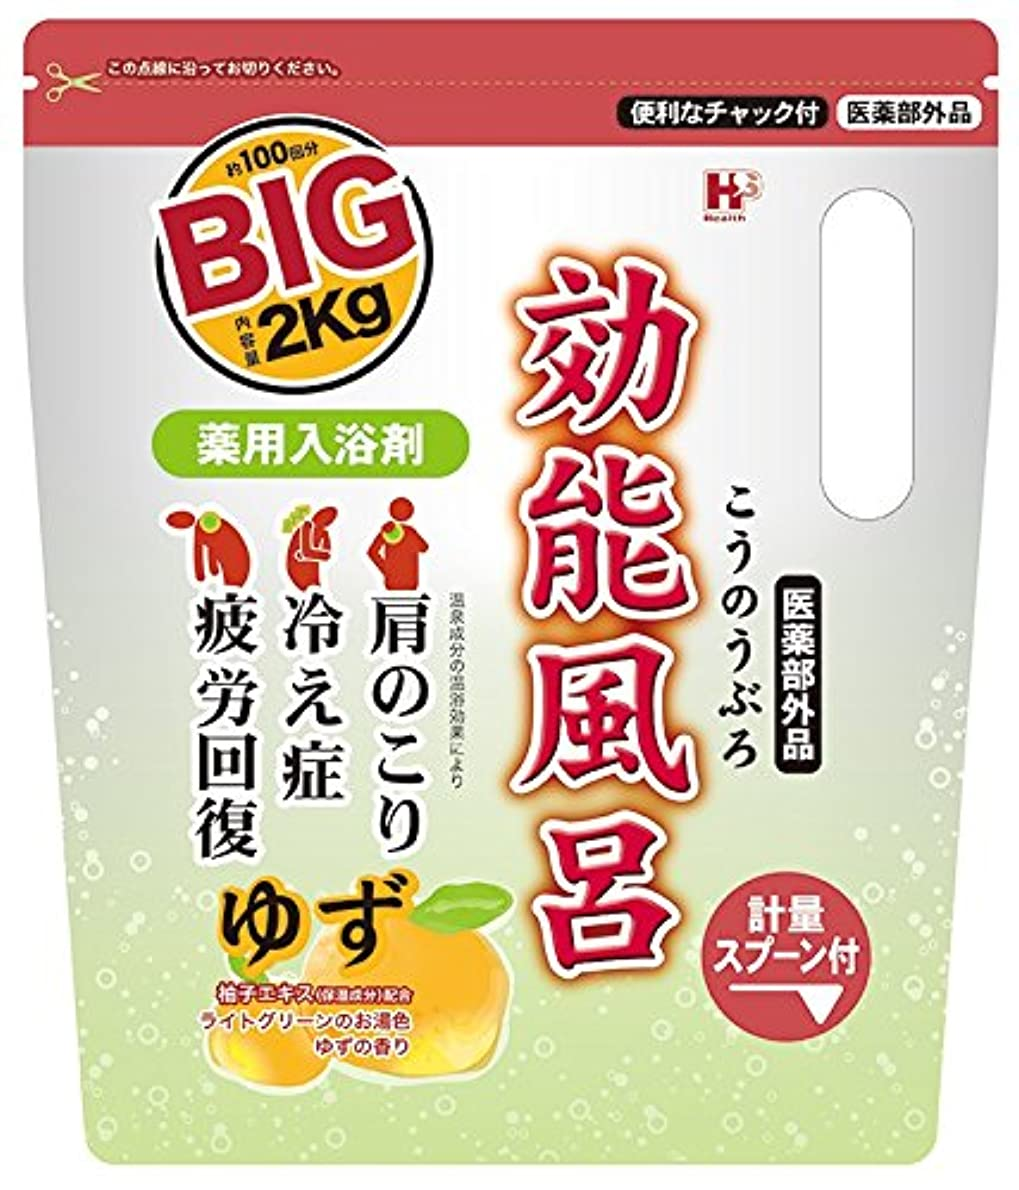 リッチ唯物論ソフィー薬用入浴剤 効能風呂 ゆずの香り BIGサイズ 2kg [医薬部外品]